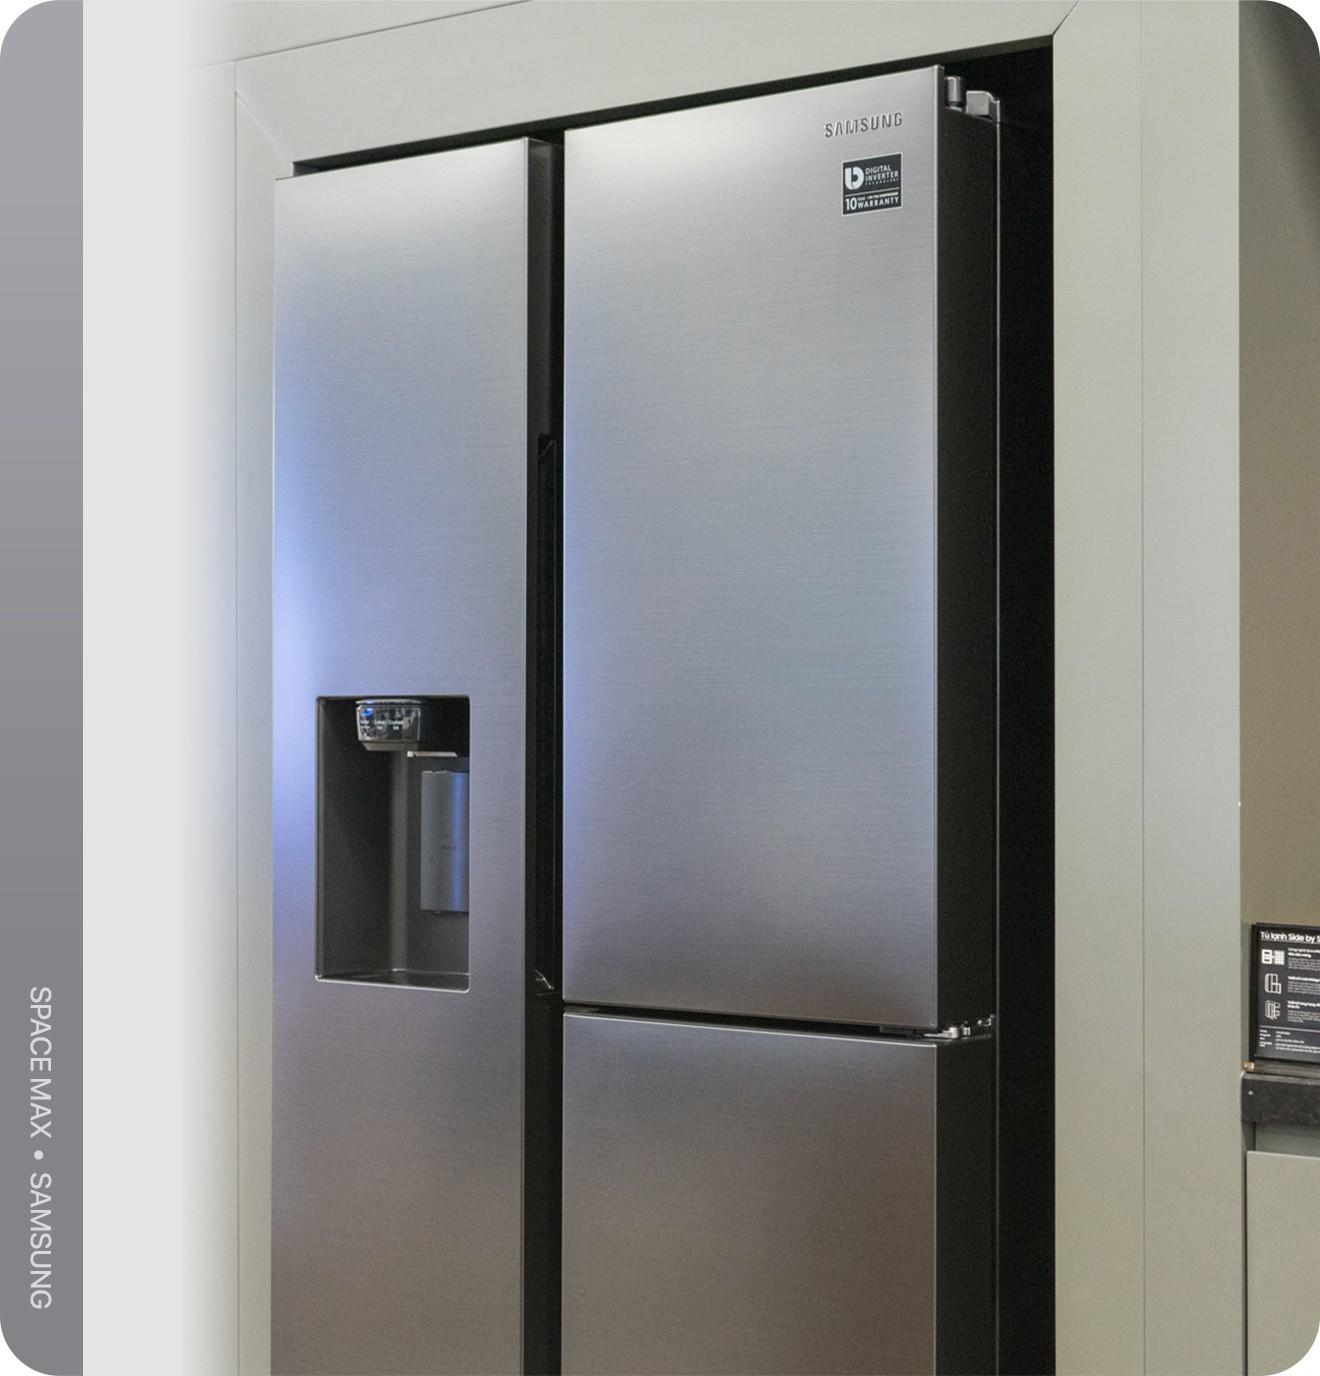 Chiếc tủ lạnh mới của Samsung đã giải quyết trọn vẹn nhu cầu của người dùng như thế nào - Ảnh 4.